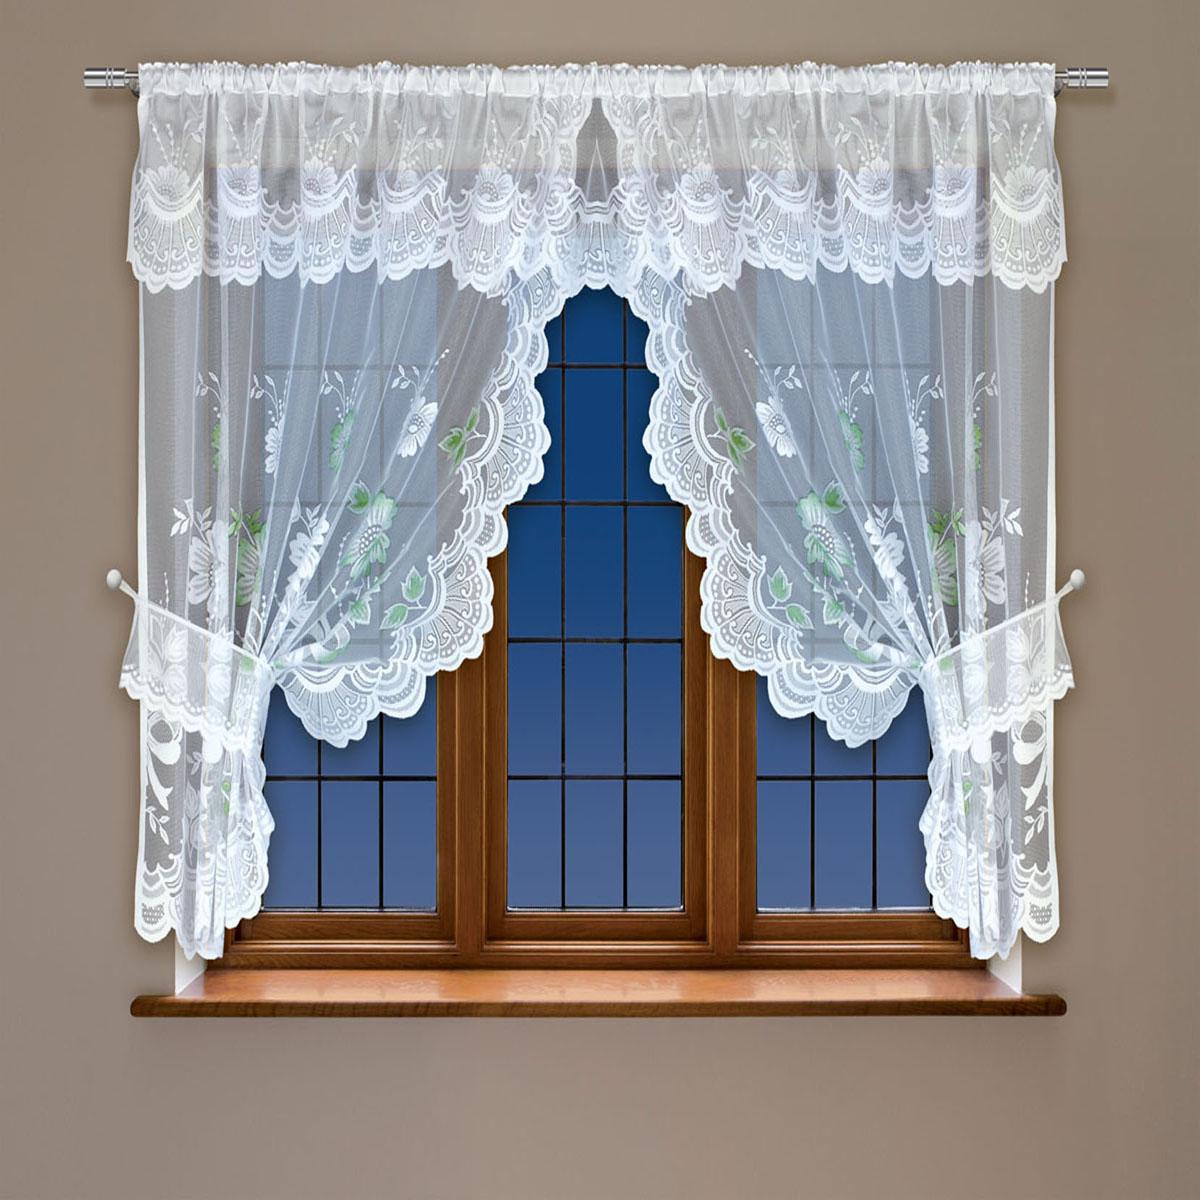 Гардина Haft, на кулиске, цвет: белый, высота 115 см. 202561202561/115 белыйВоздушная гардина Haft, выполненная из полиэстера, великолепно украсит любое окно. Изделие имеет оригинальный дизайн и органично впишется в интерьер помещения. Гардина крепится на карниз при помощи кулиски.